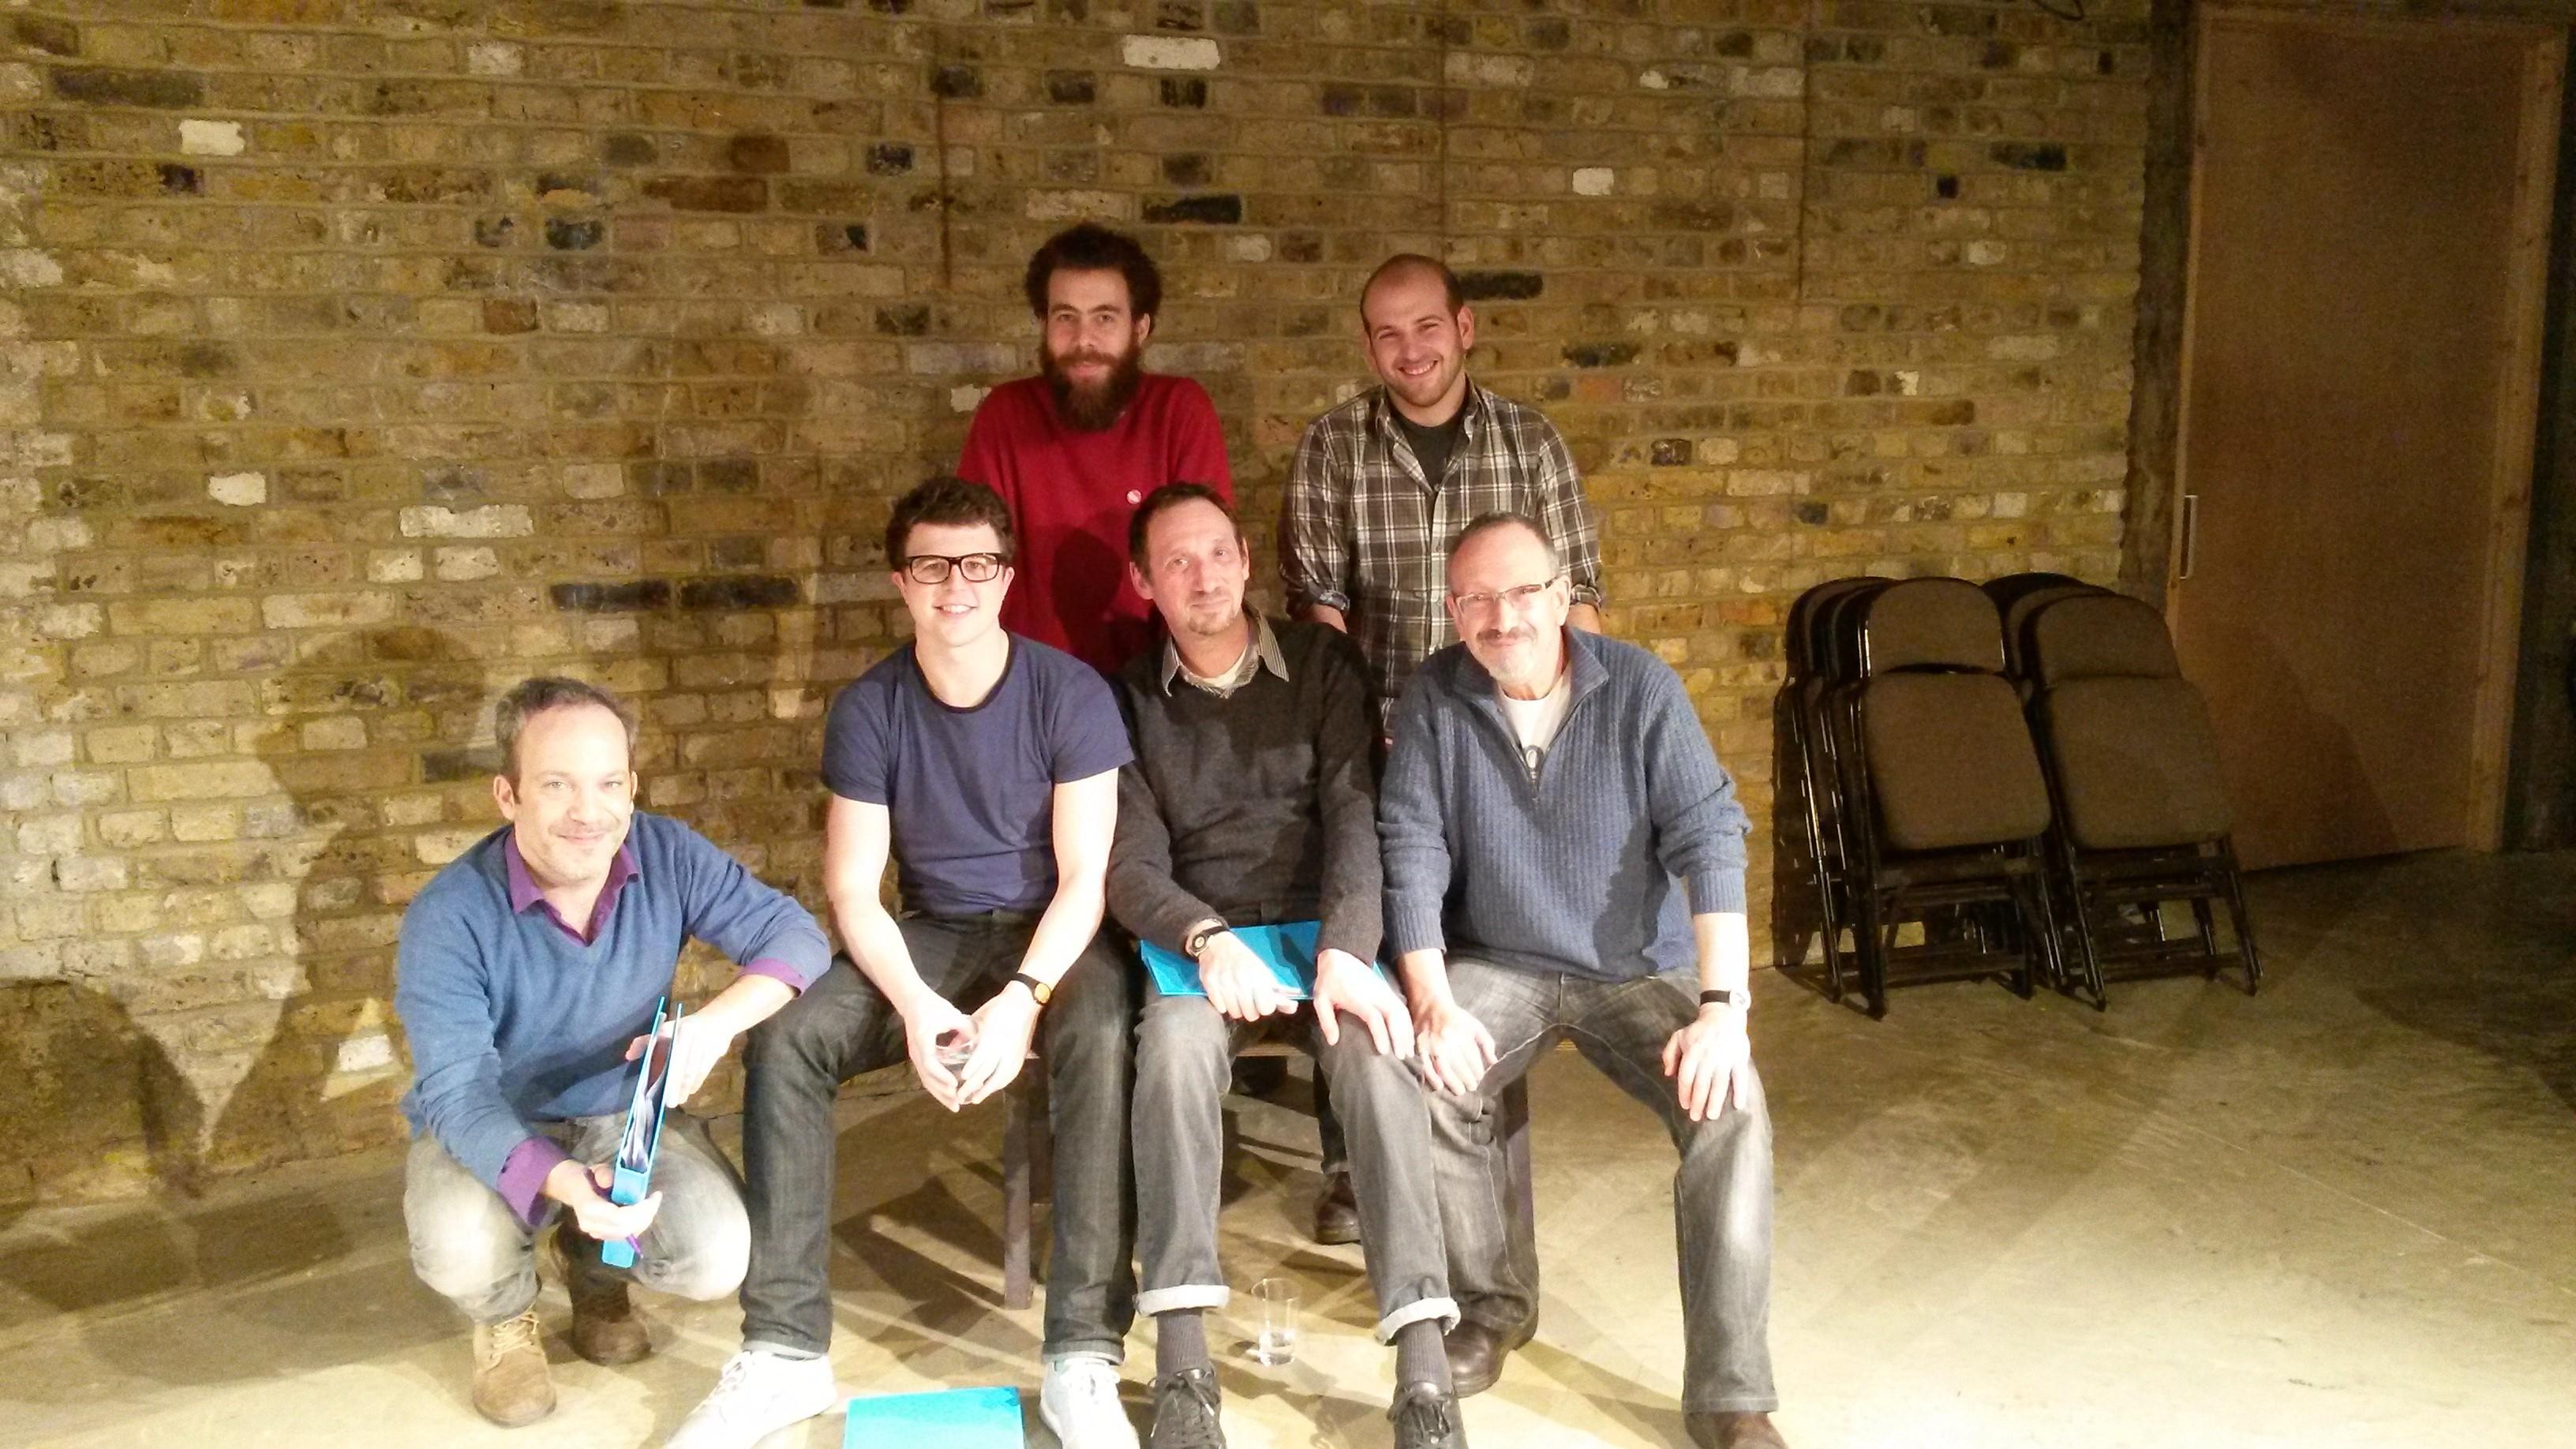 The Schvitz reading team